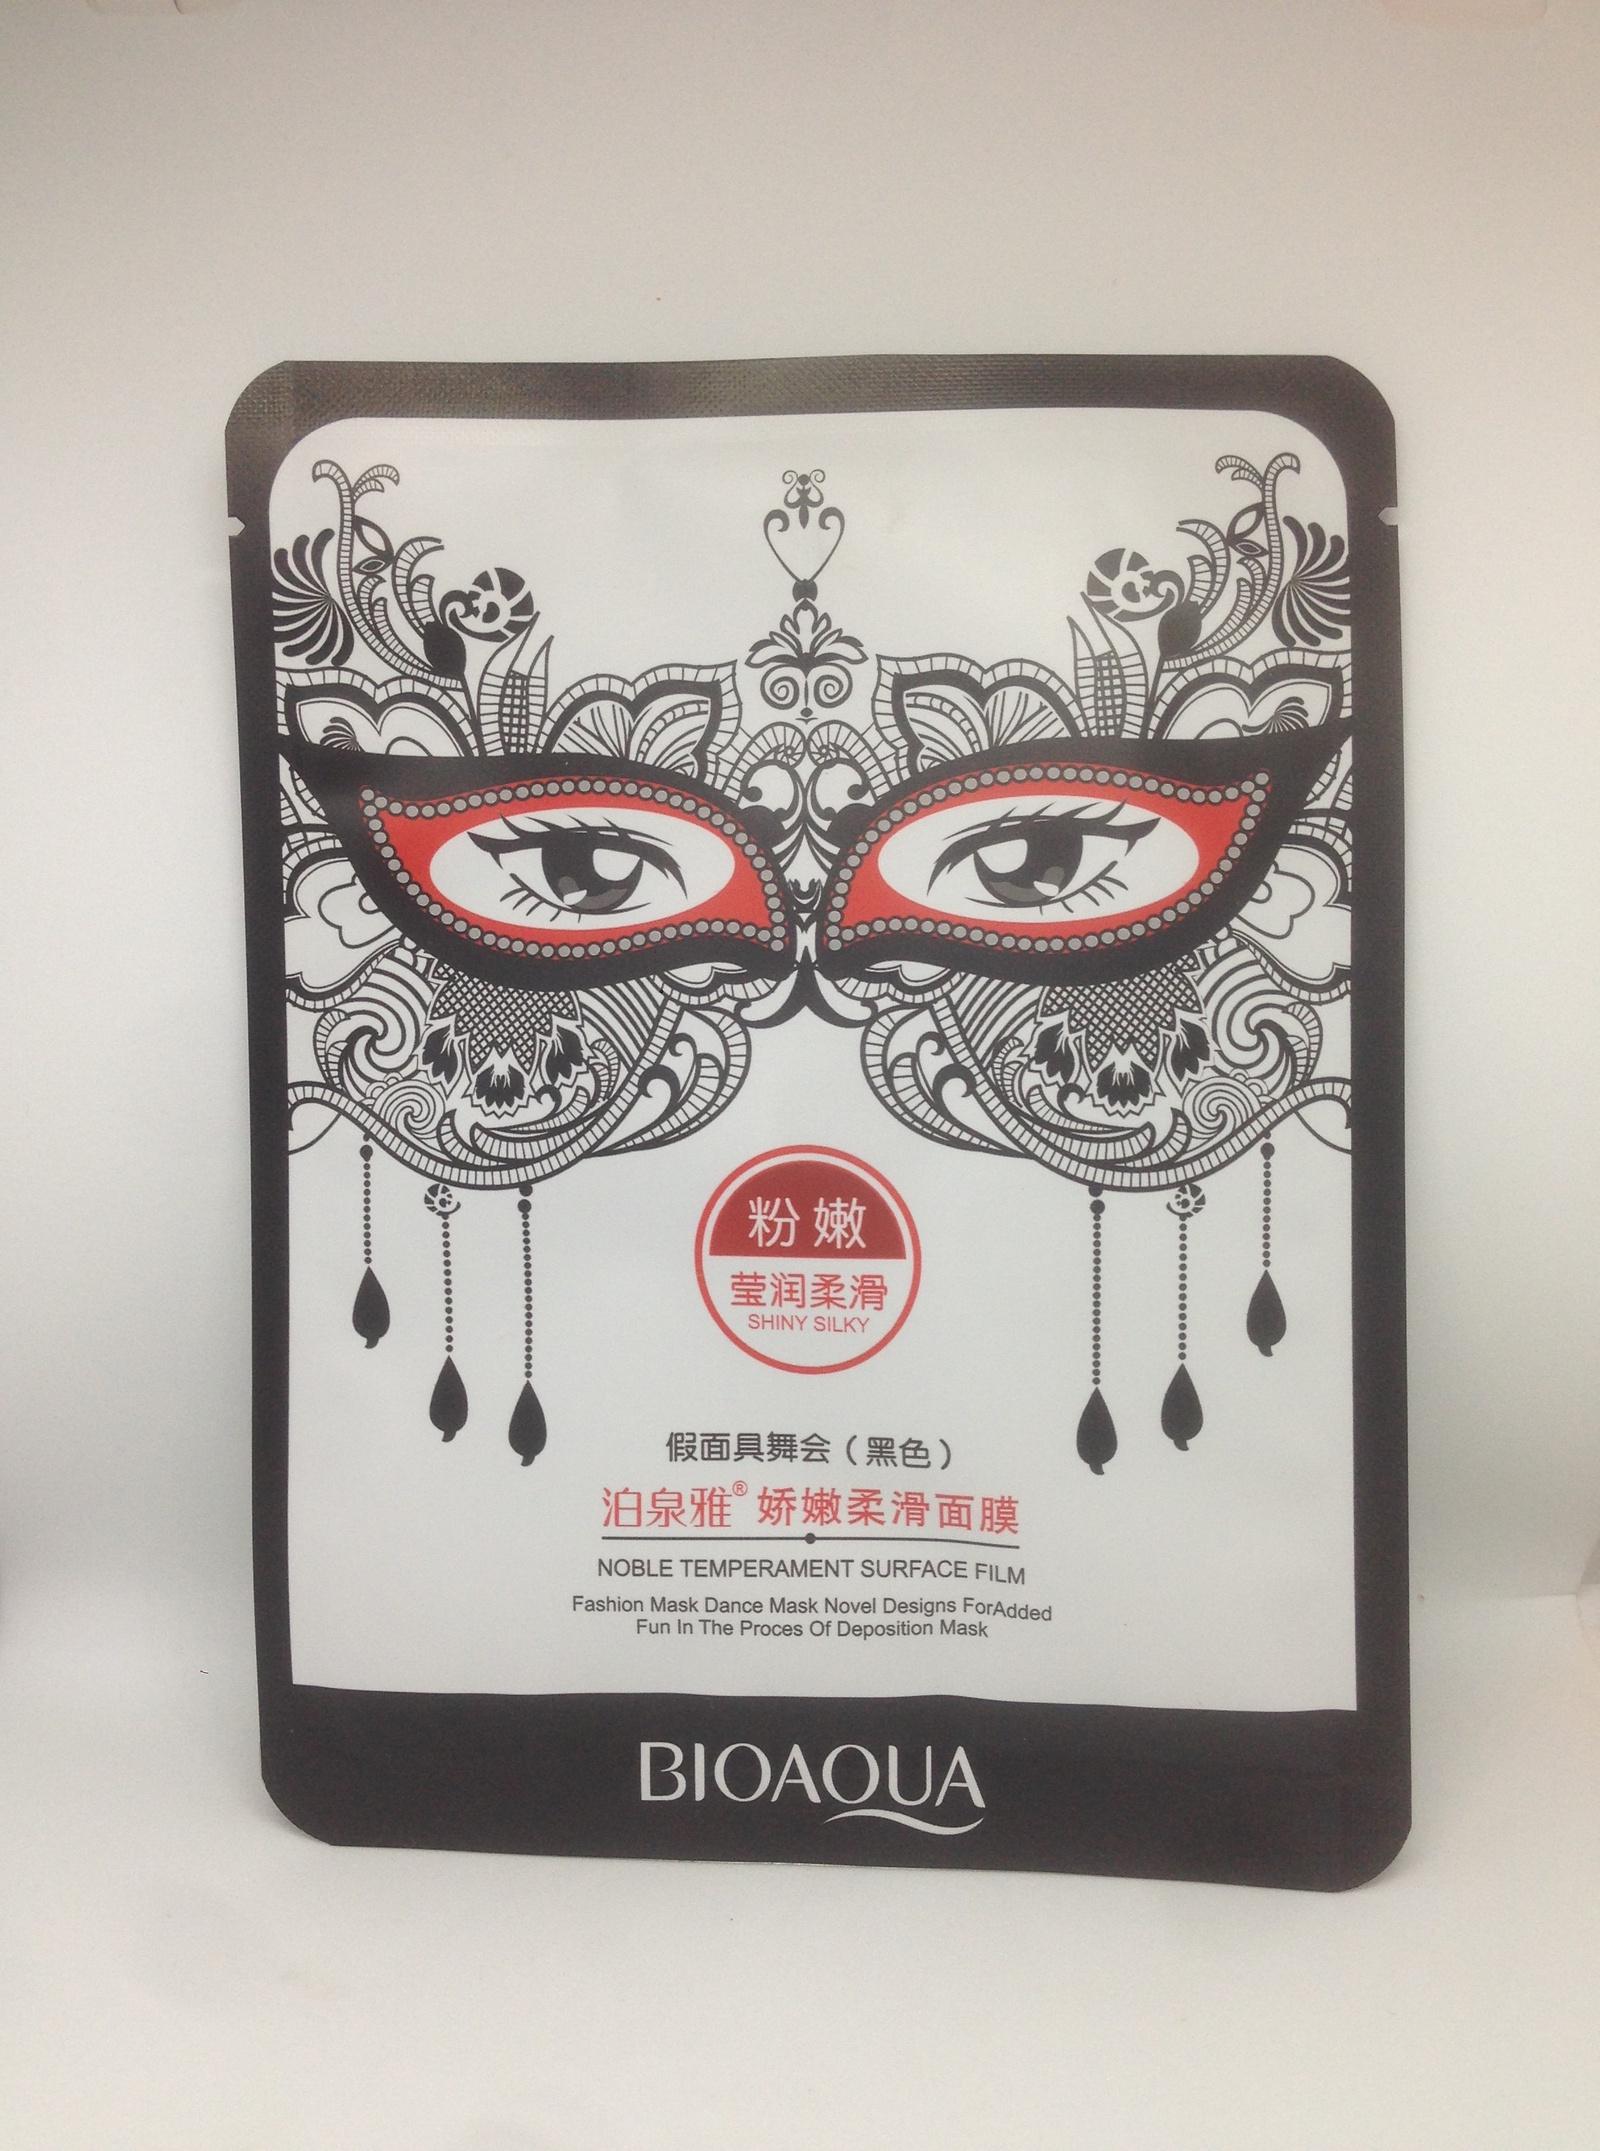 Маска косметическая BIOAQUA Bioaqua смягчающая маска для лица карнавальный дизайн черная 30 гр